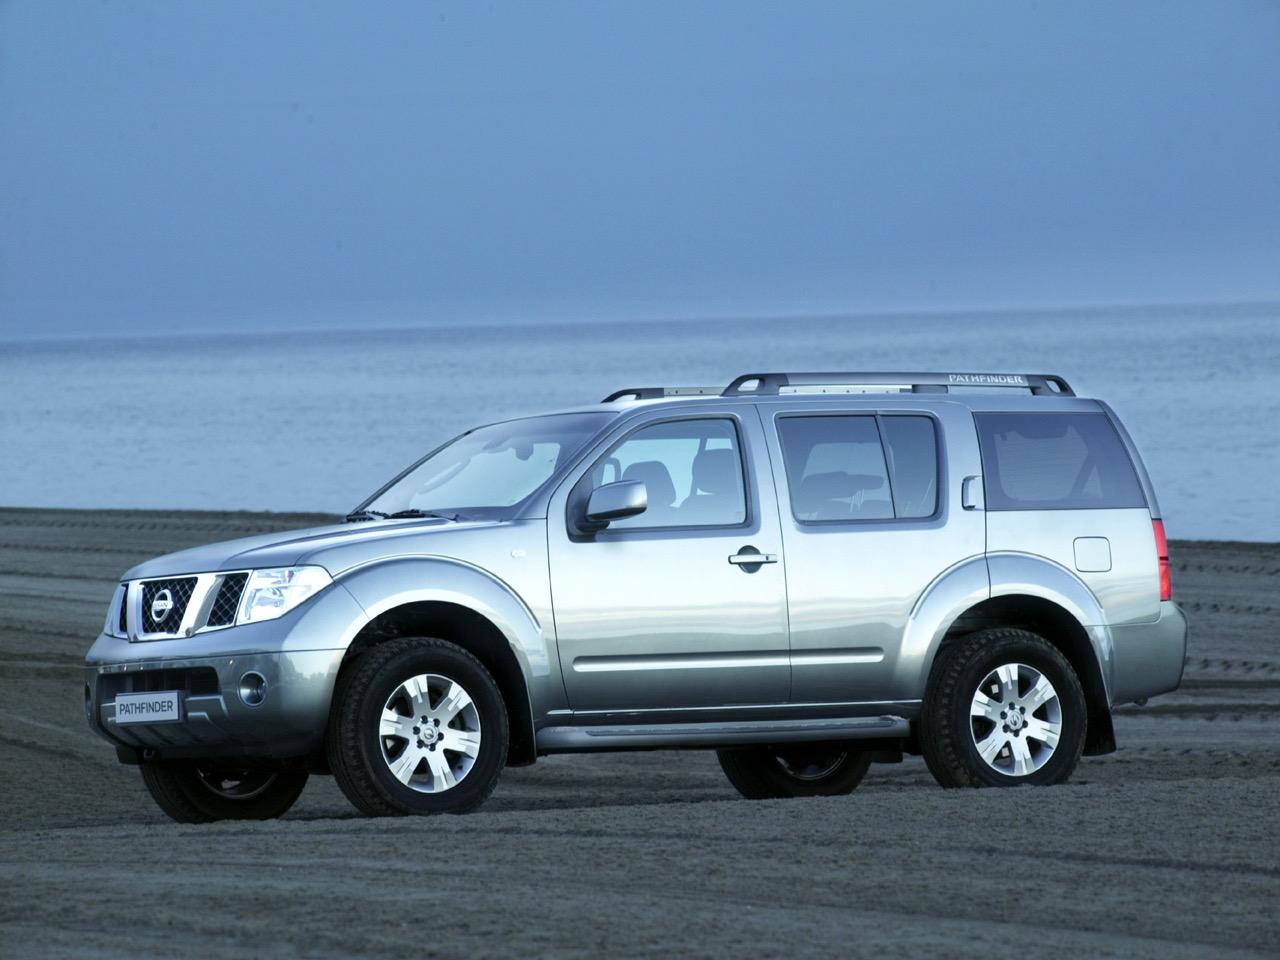 Nissan Pathfinder 2005 – 7